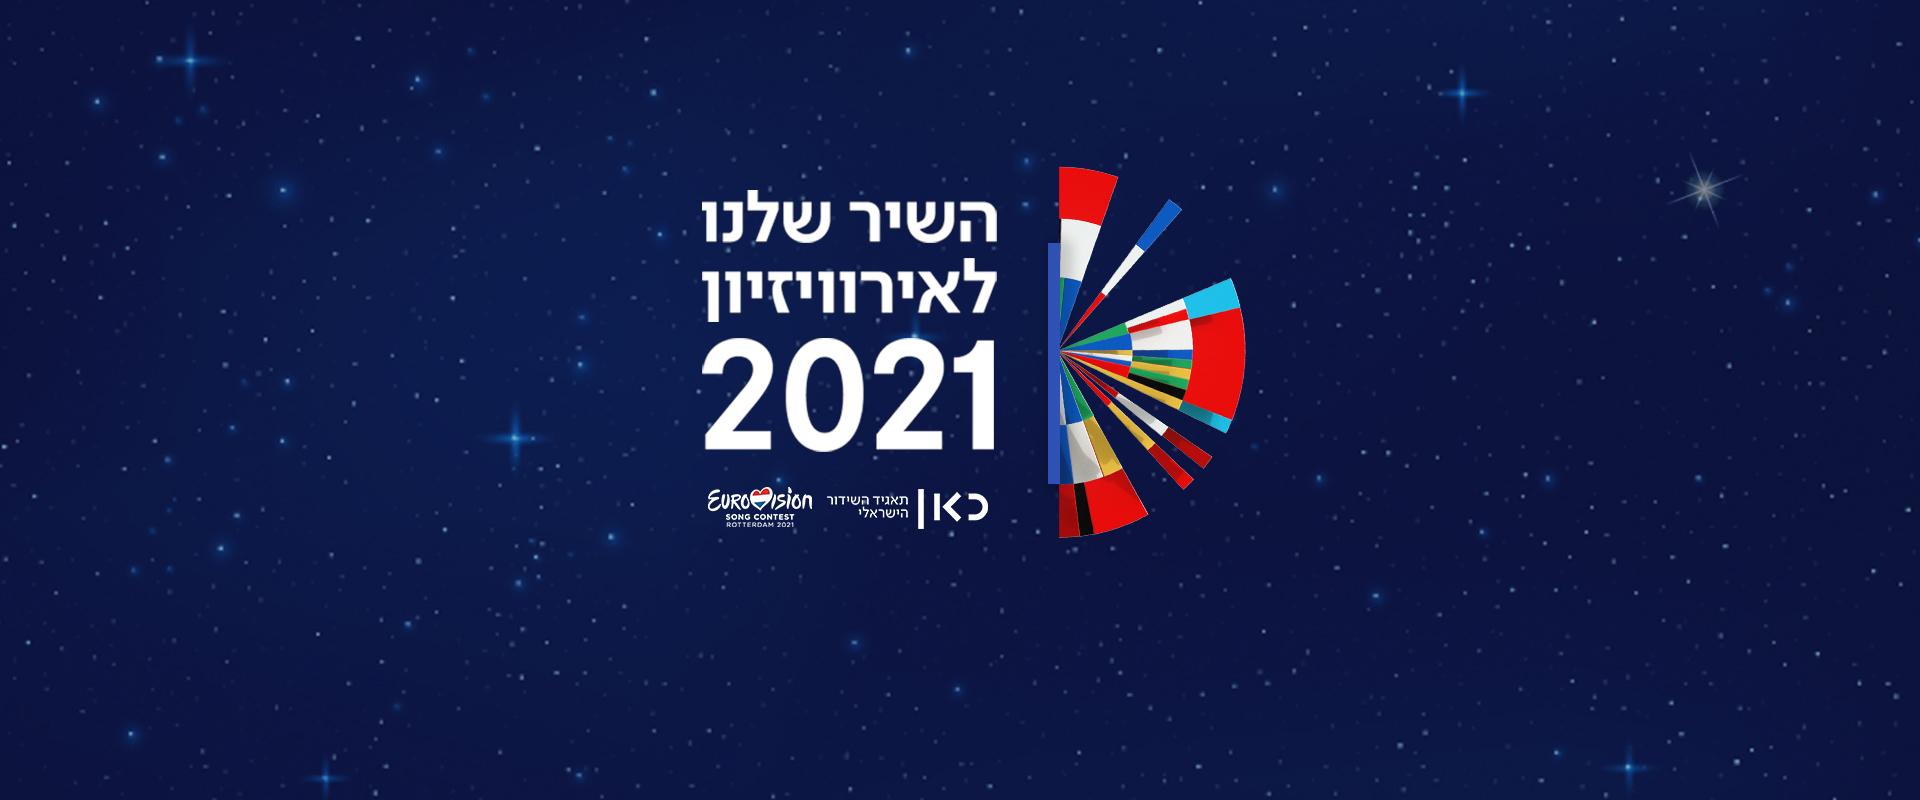 השיר שלנו לאירוויזיון 2021